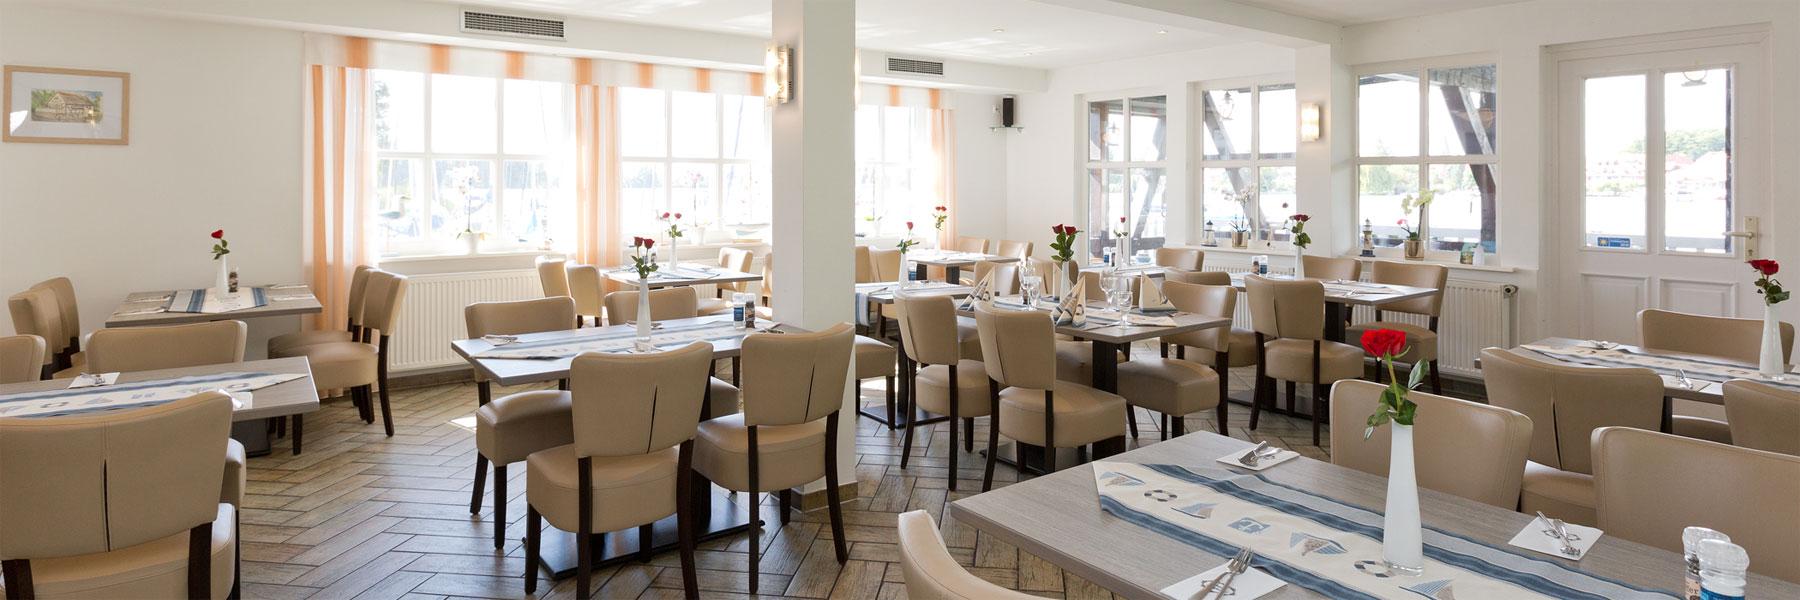 Restaurant - Hotel und Restaurant Seglerheim